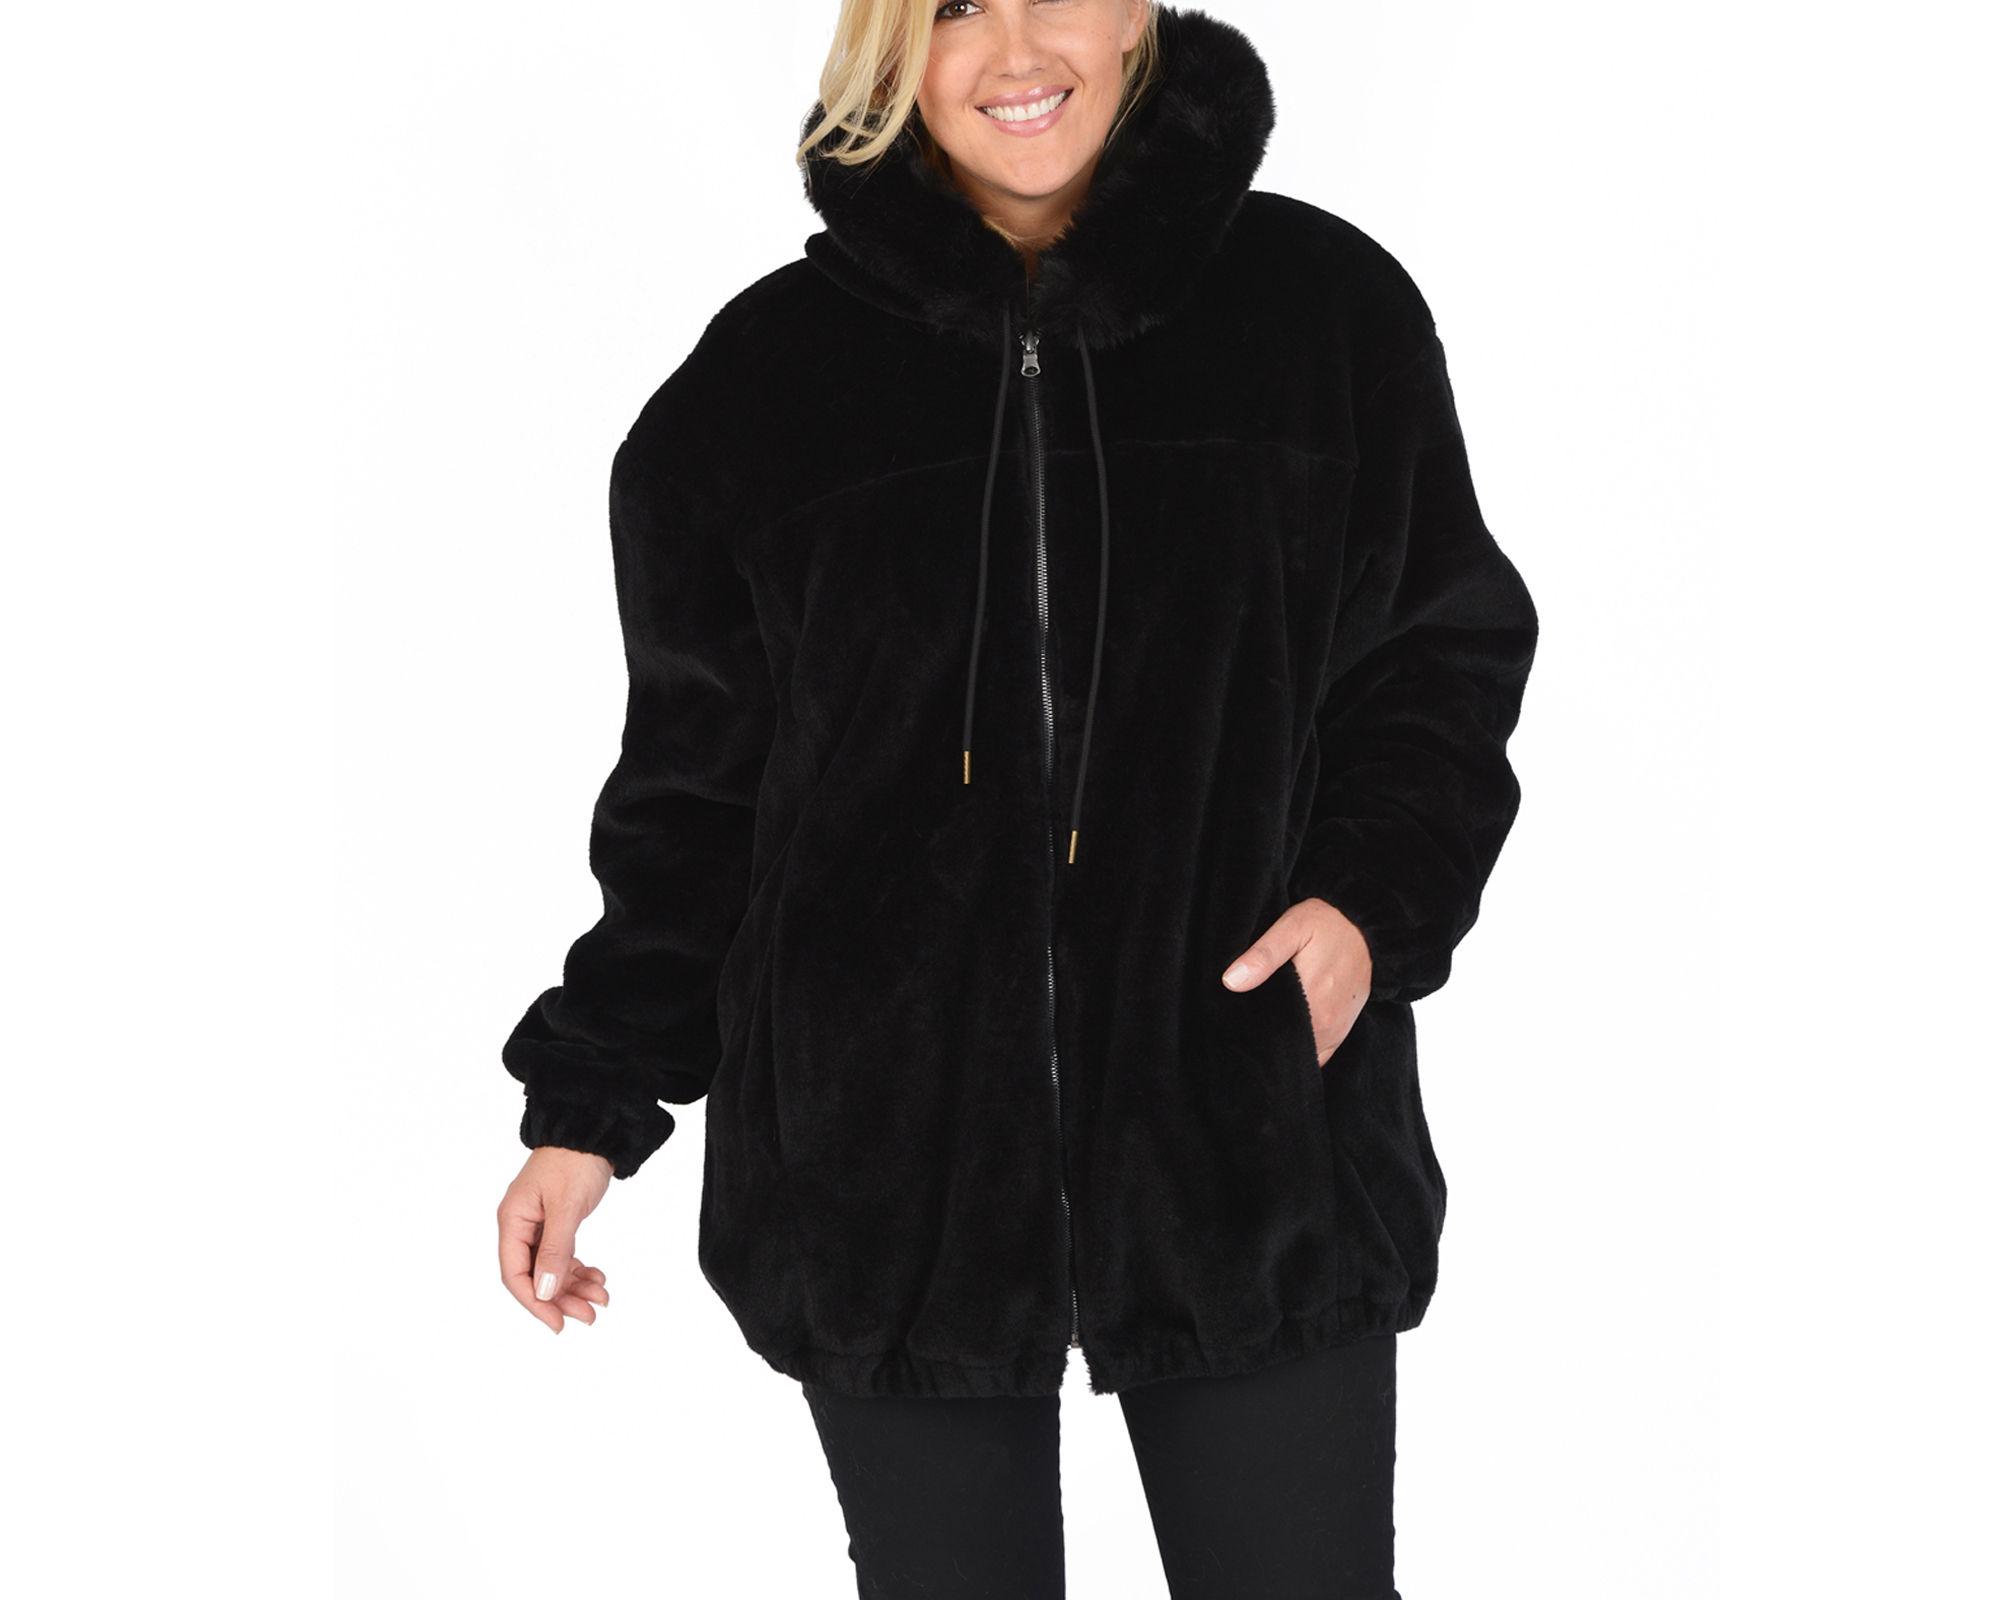 Excelled Reversible Faux-Leather/Faux-Fur Jacket - Plus